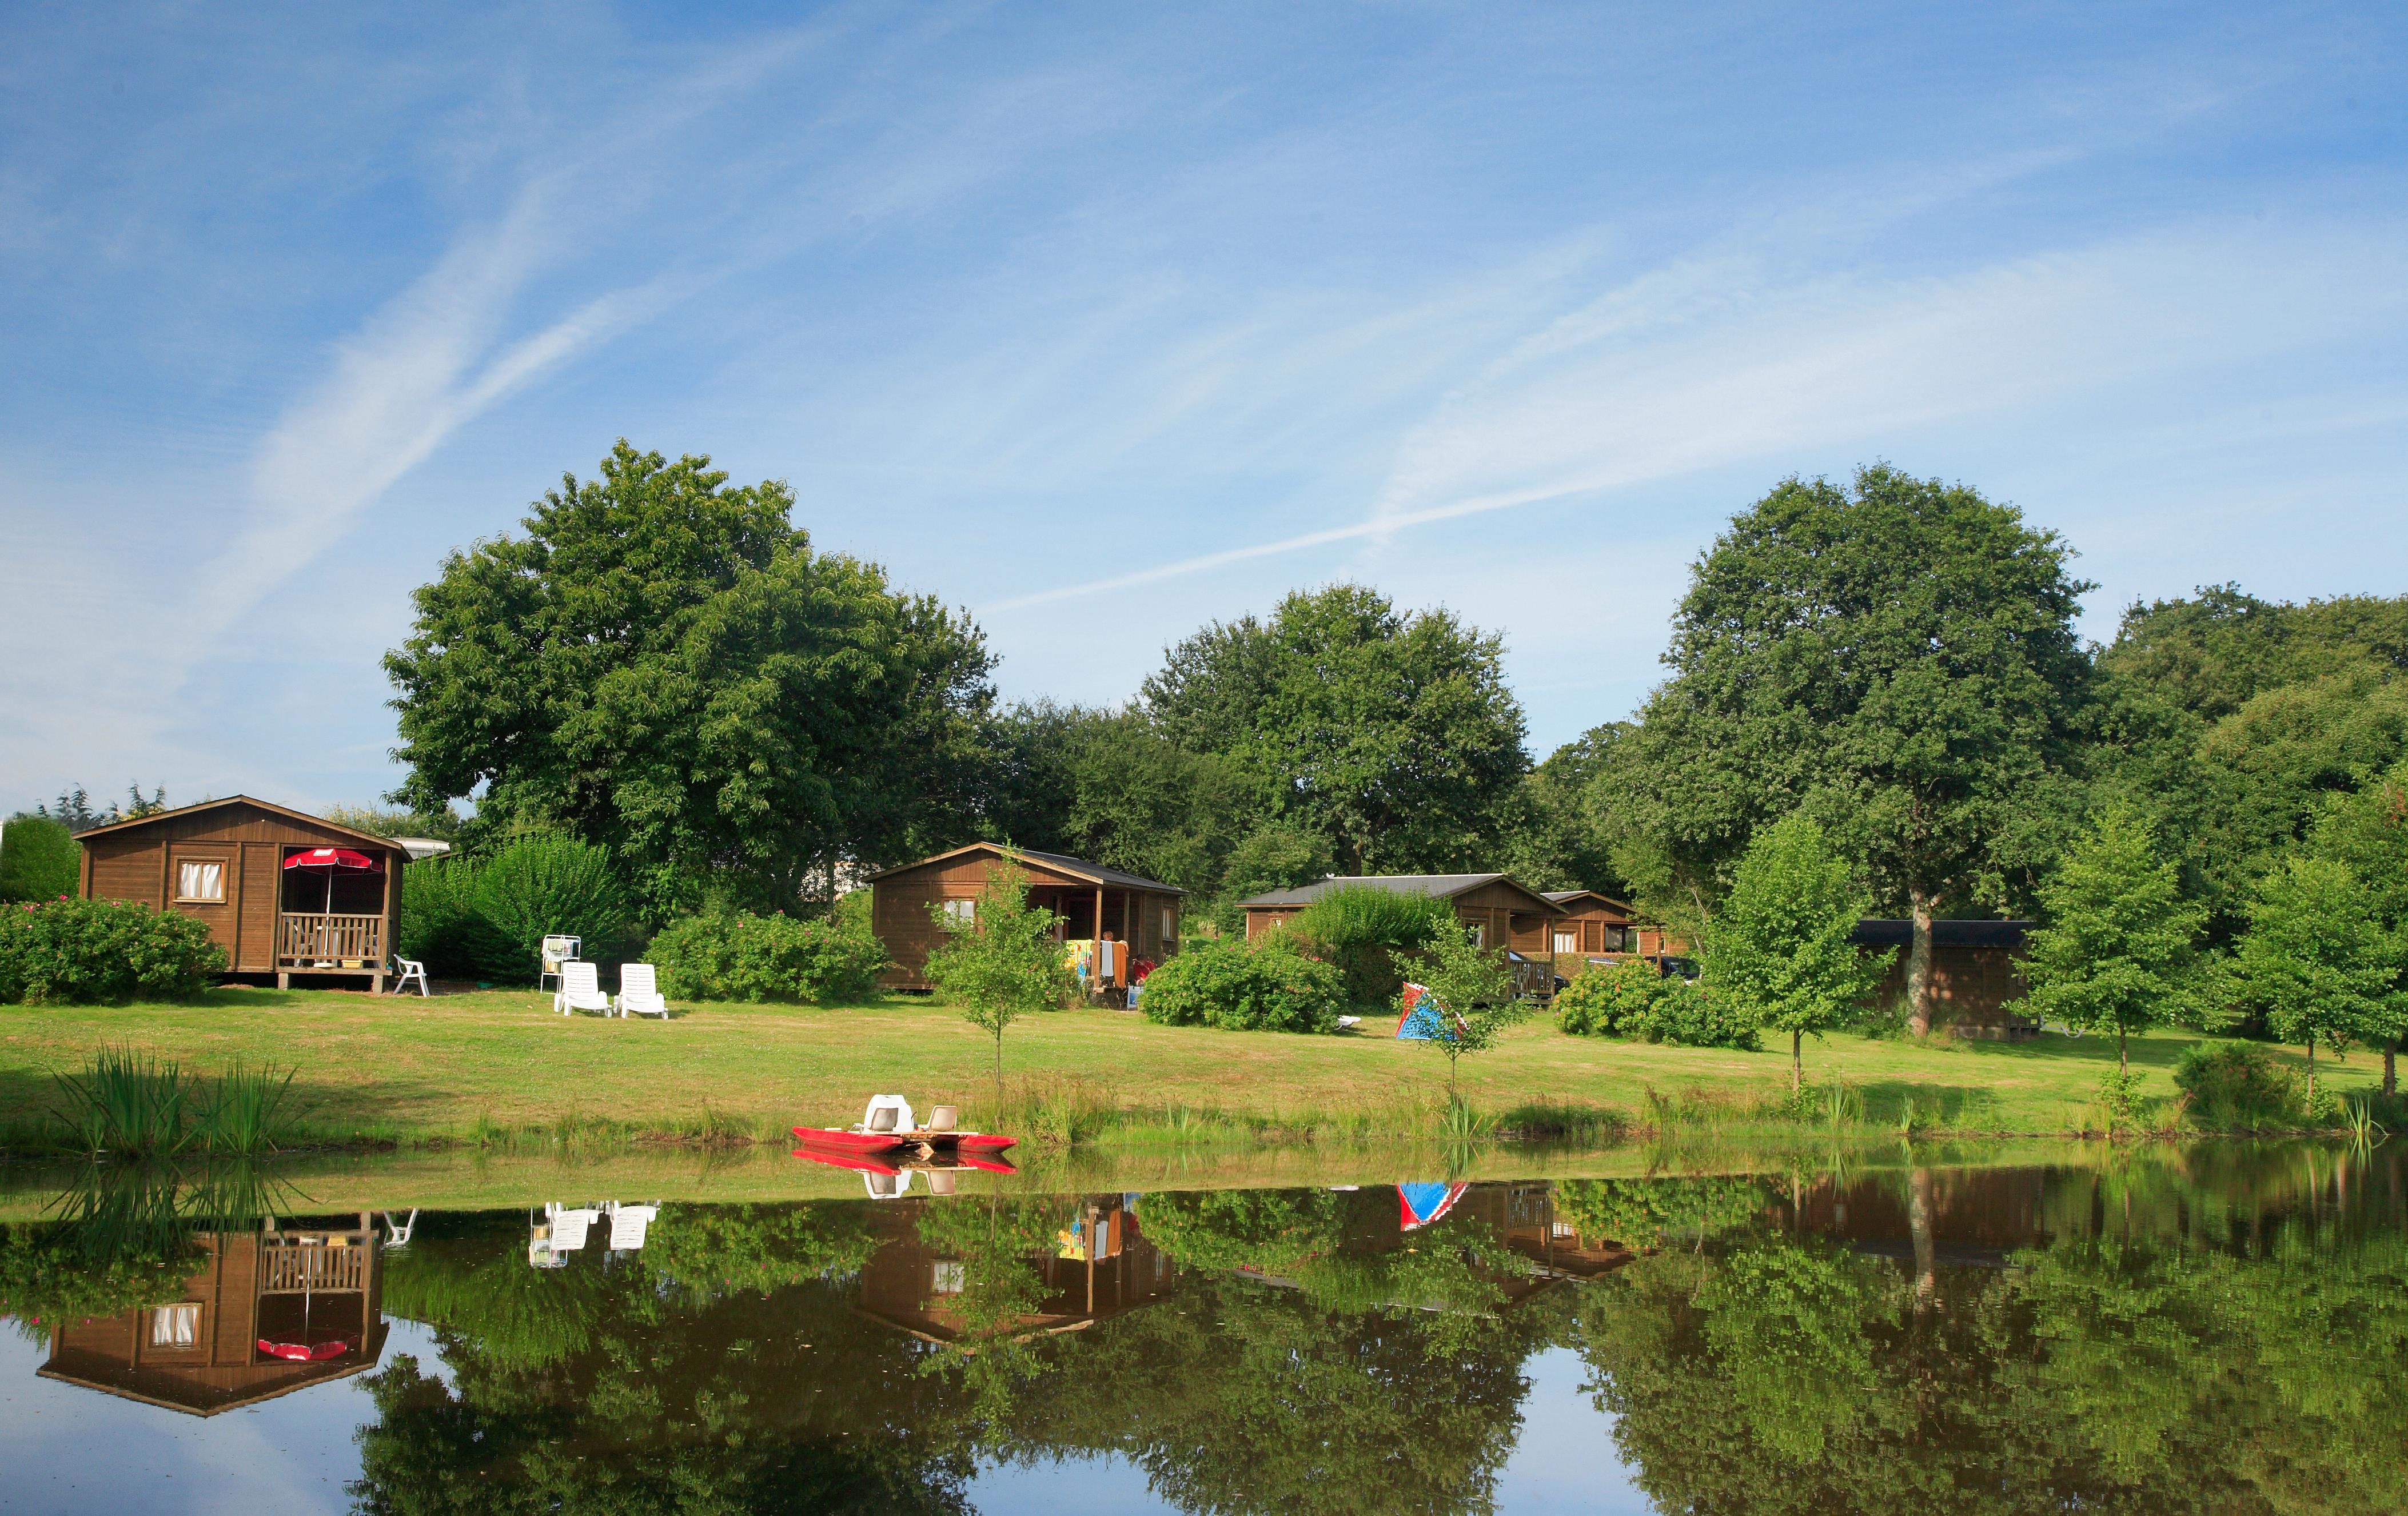 Camping le Deffay, Sainte-Reine-de-Bretagne, Loire-Atlantique